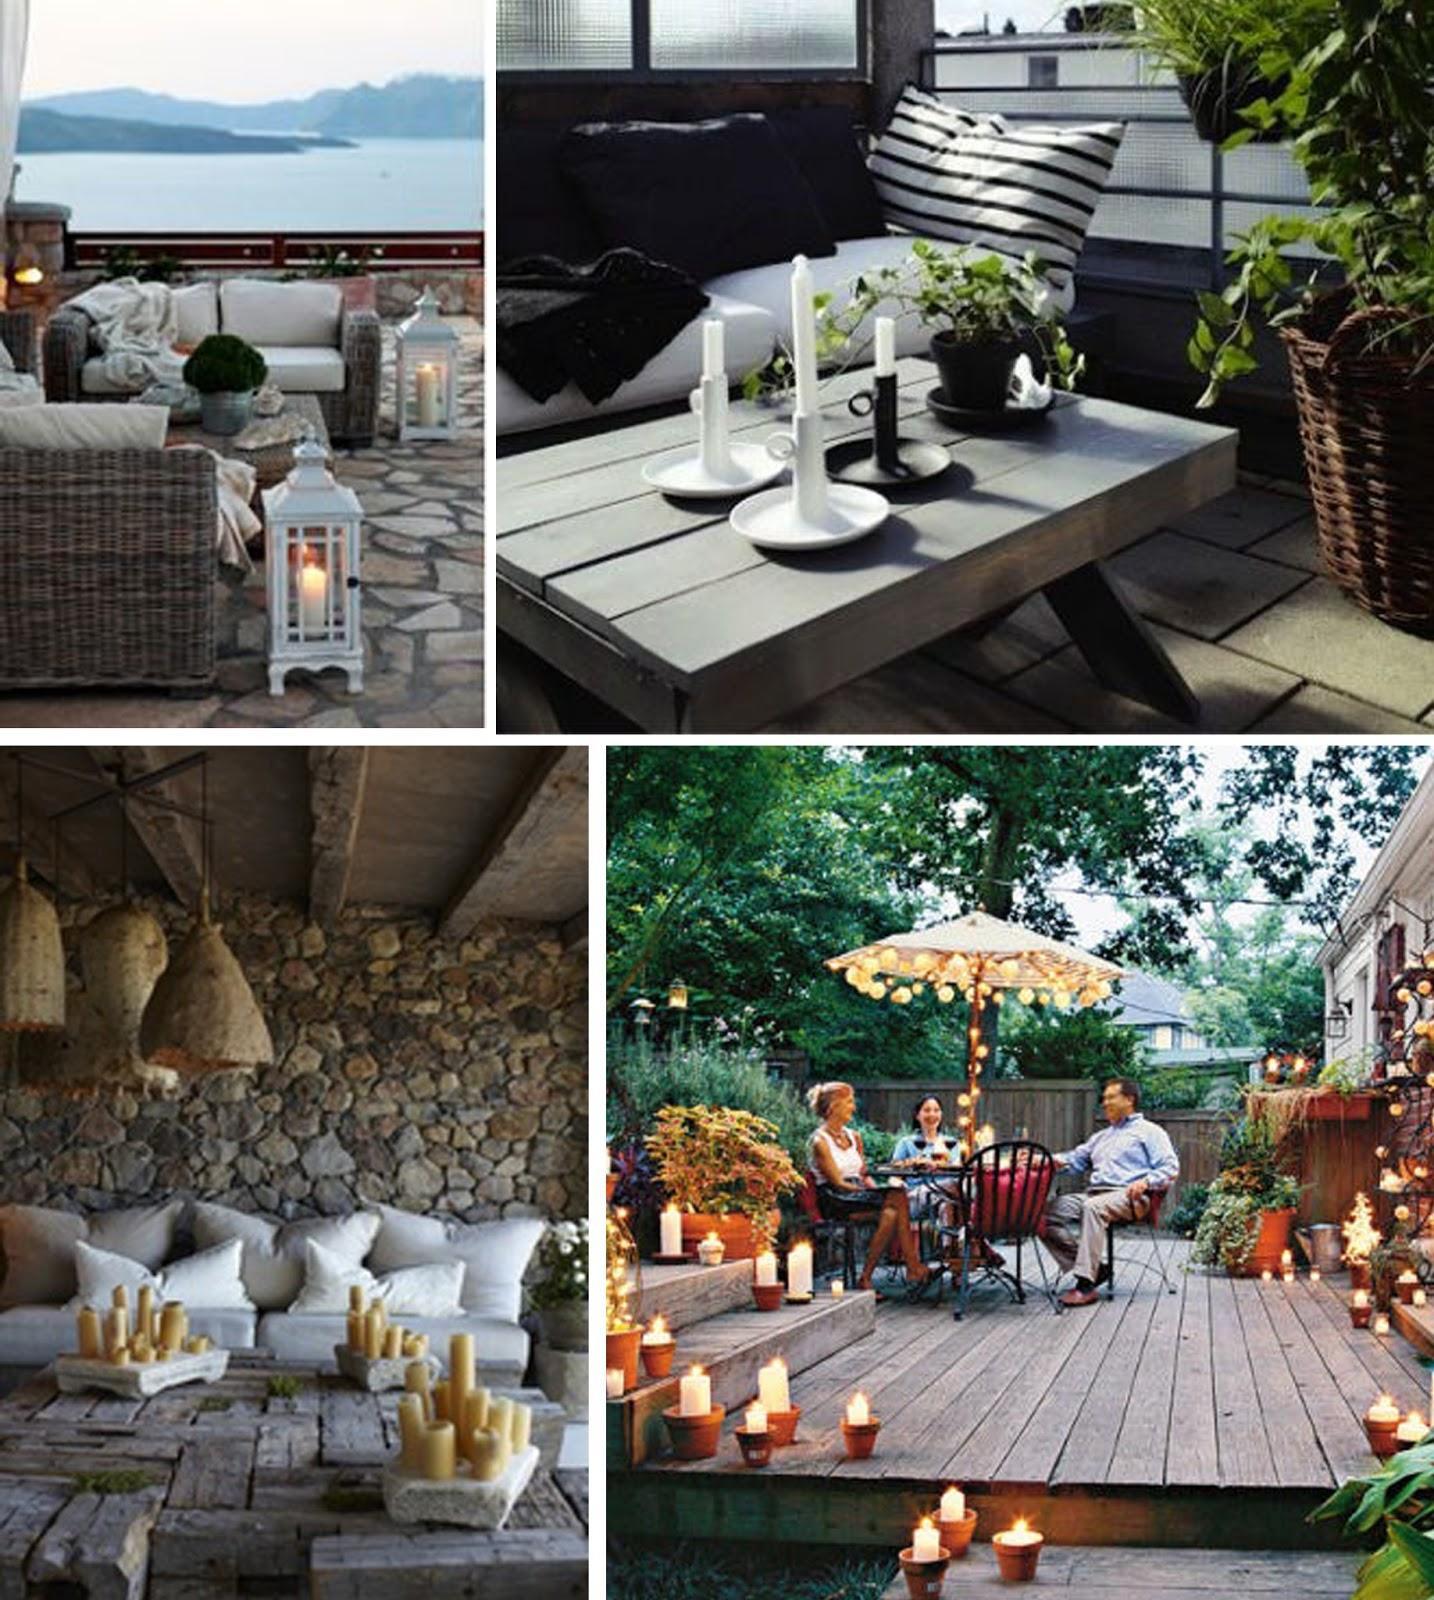 Decoraci n jardines y terrazas paperblog - Decoracion de terrazas y jardines ...